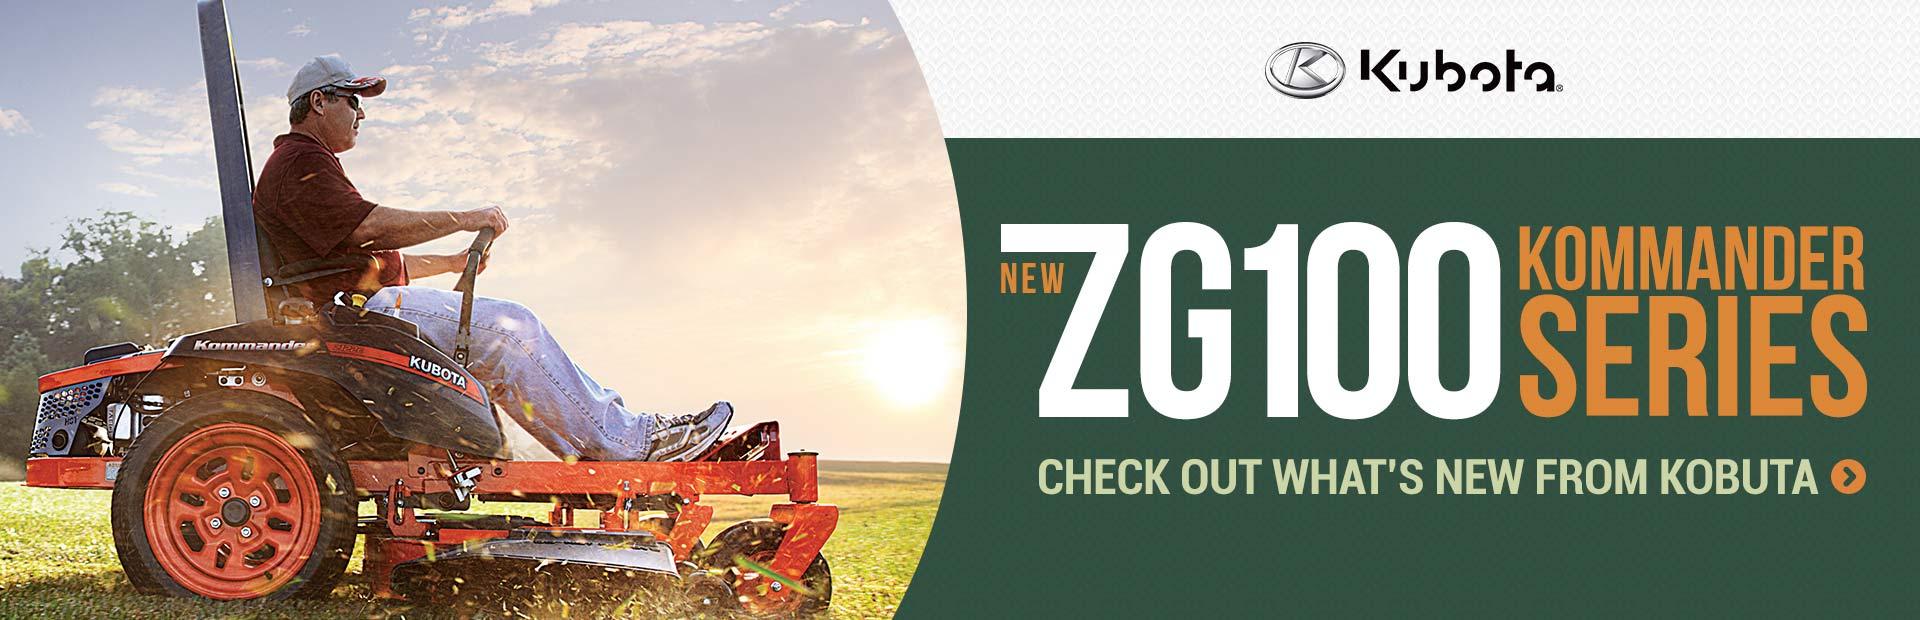 Click here to view the new Kubota ZG100 Kommander Series.